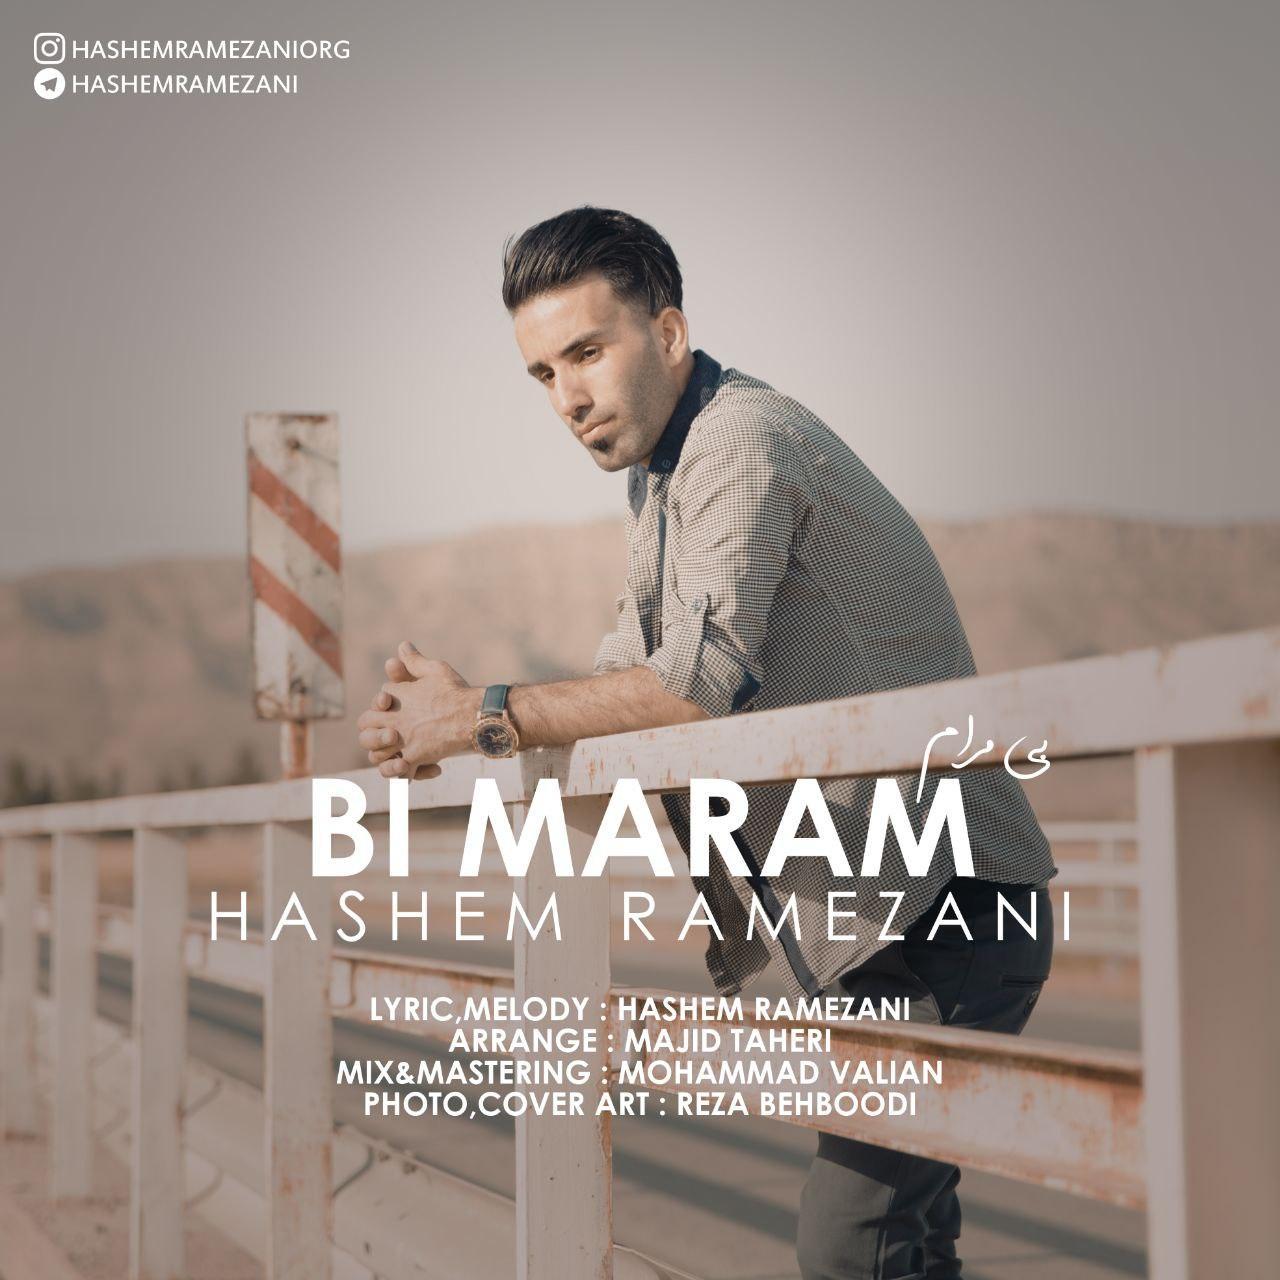 دانلود آهنگ هاشم رمضانی به نام بی مرام از موزیک باز